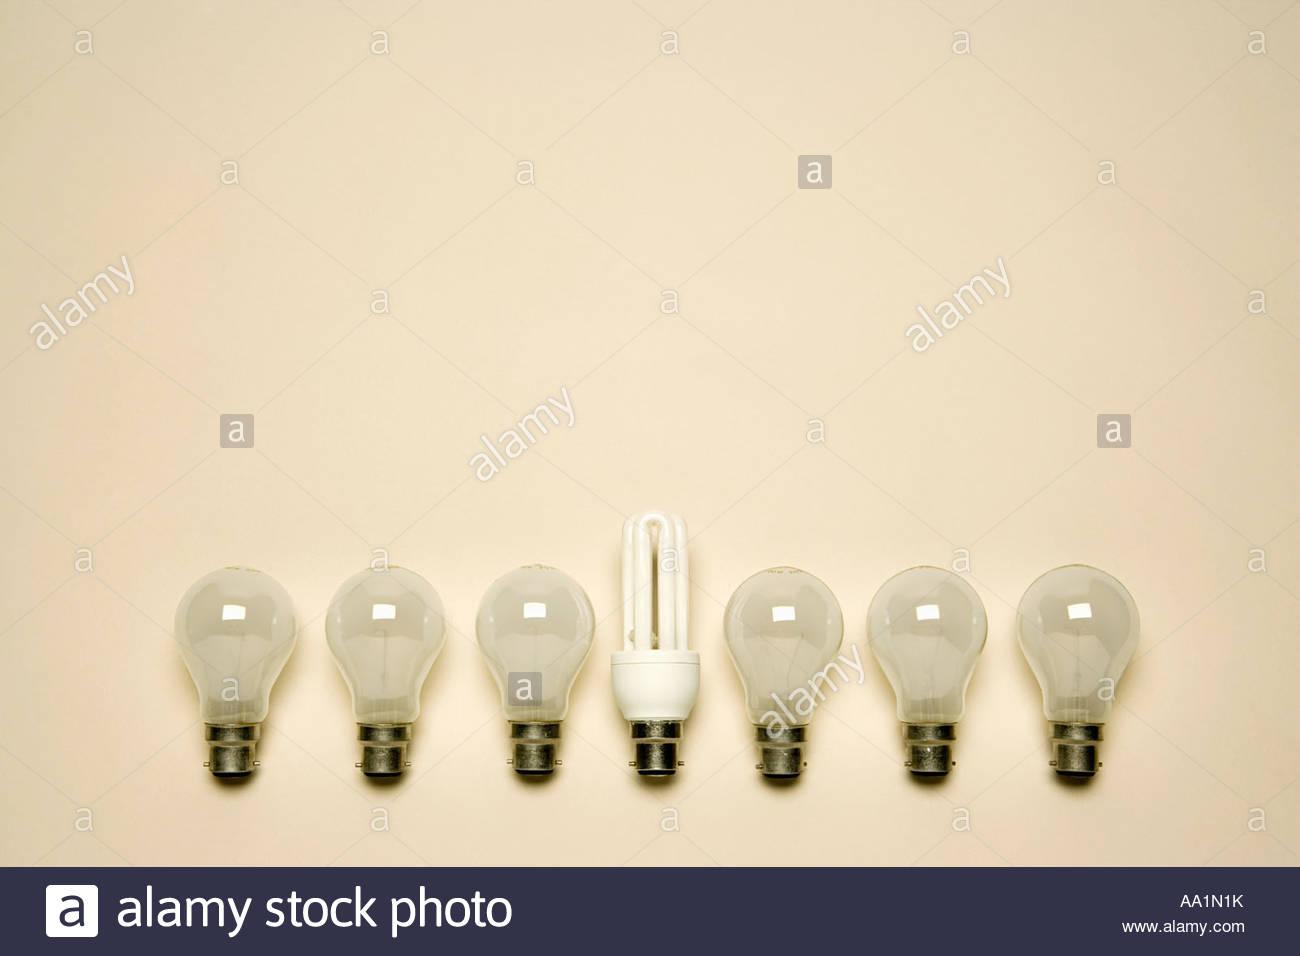 Ampoules dans une rangée Photo Stock